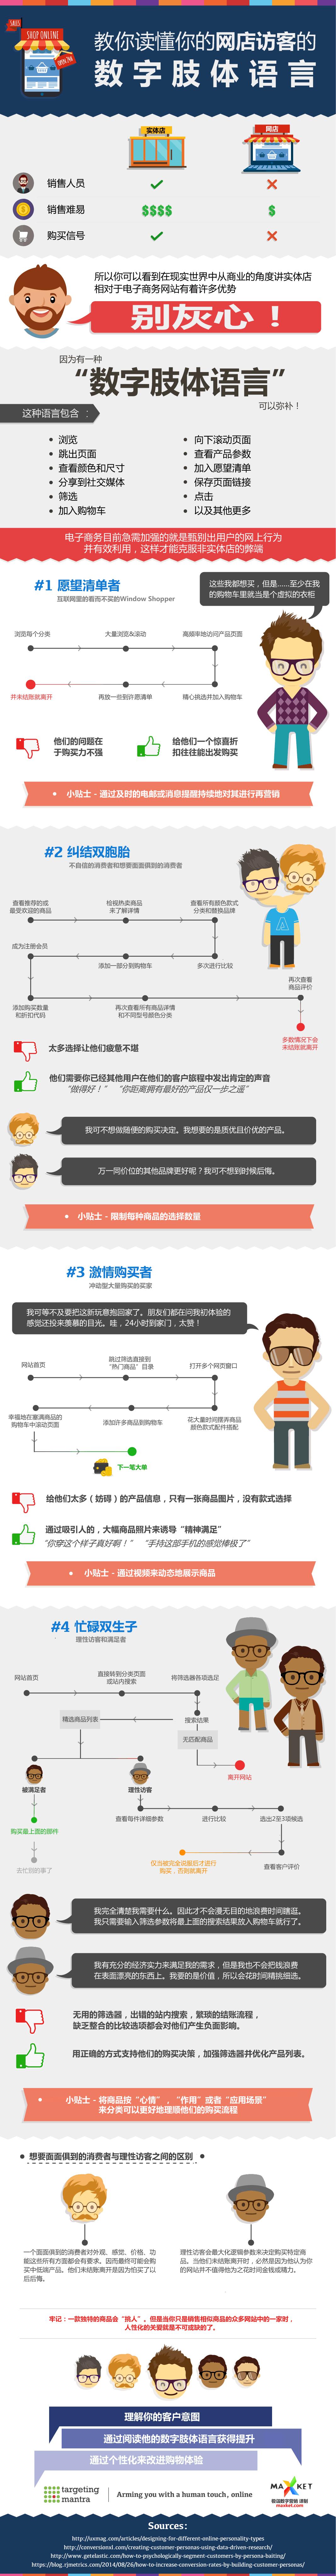 教你读懂你的网店访客的数字肢体语言